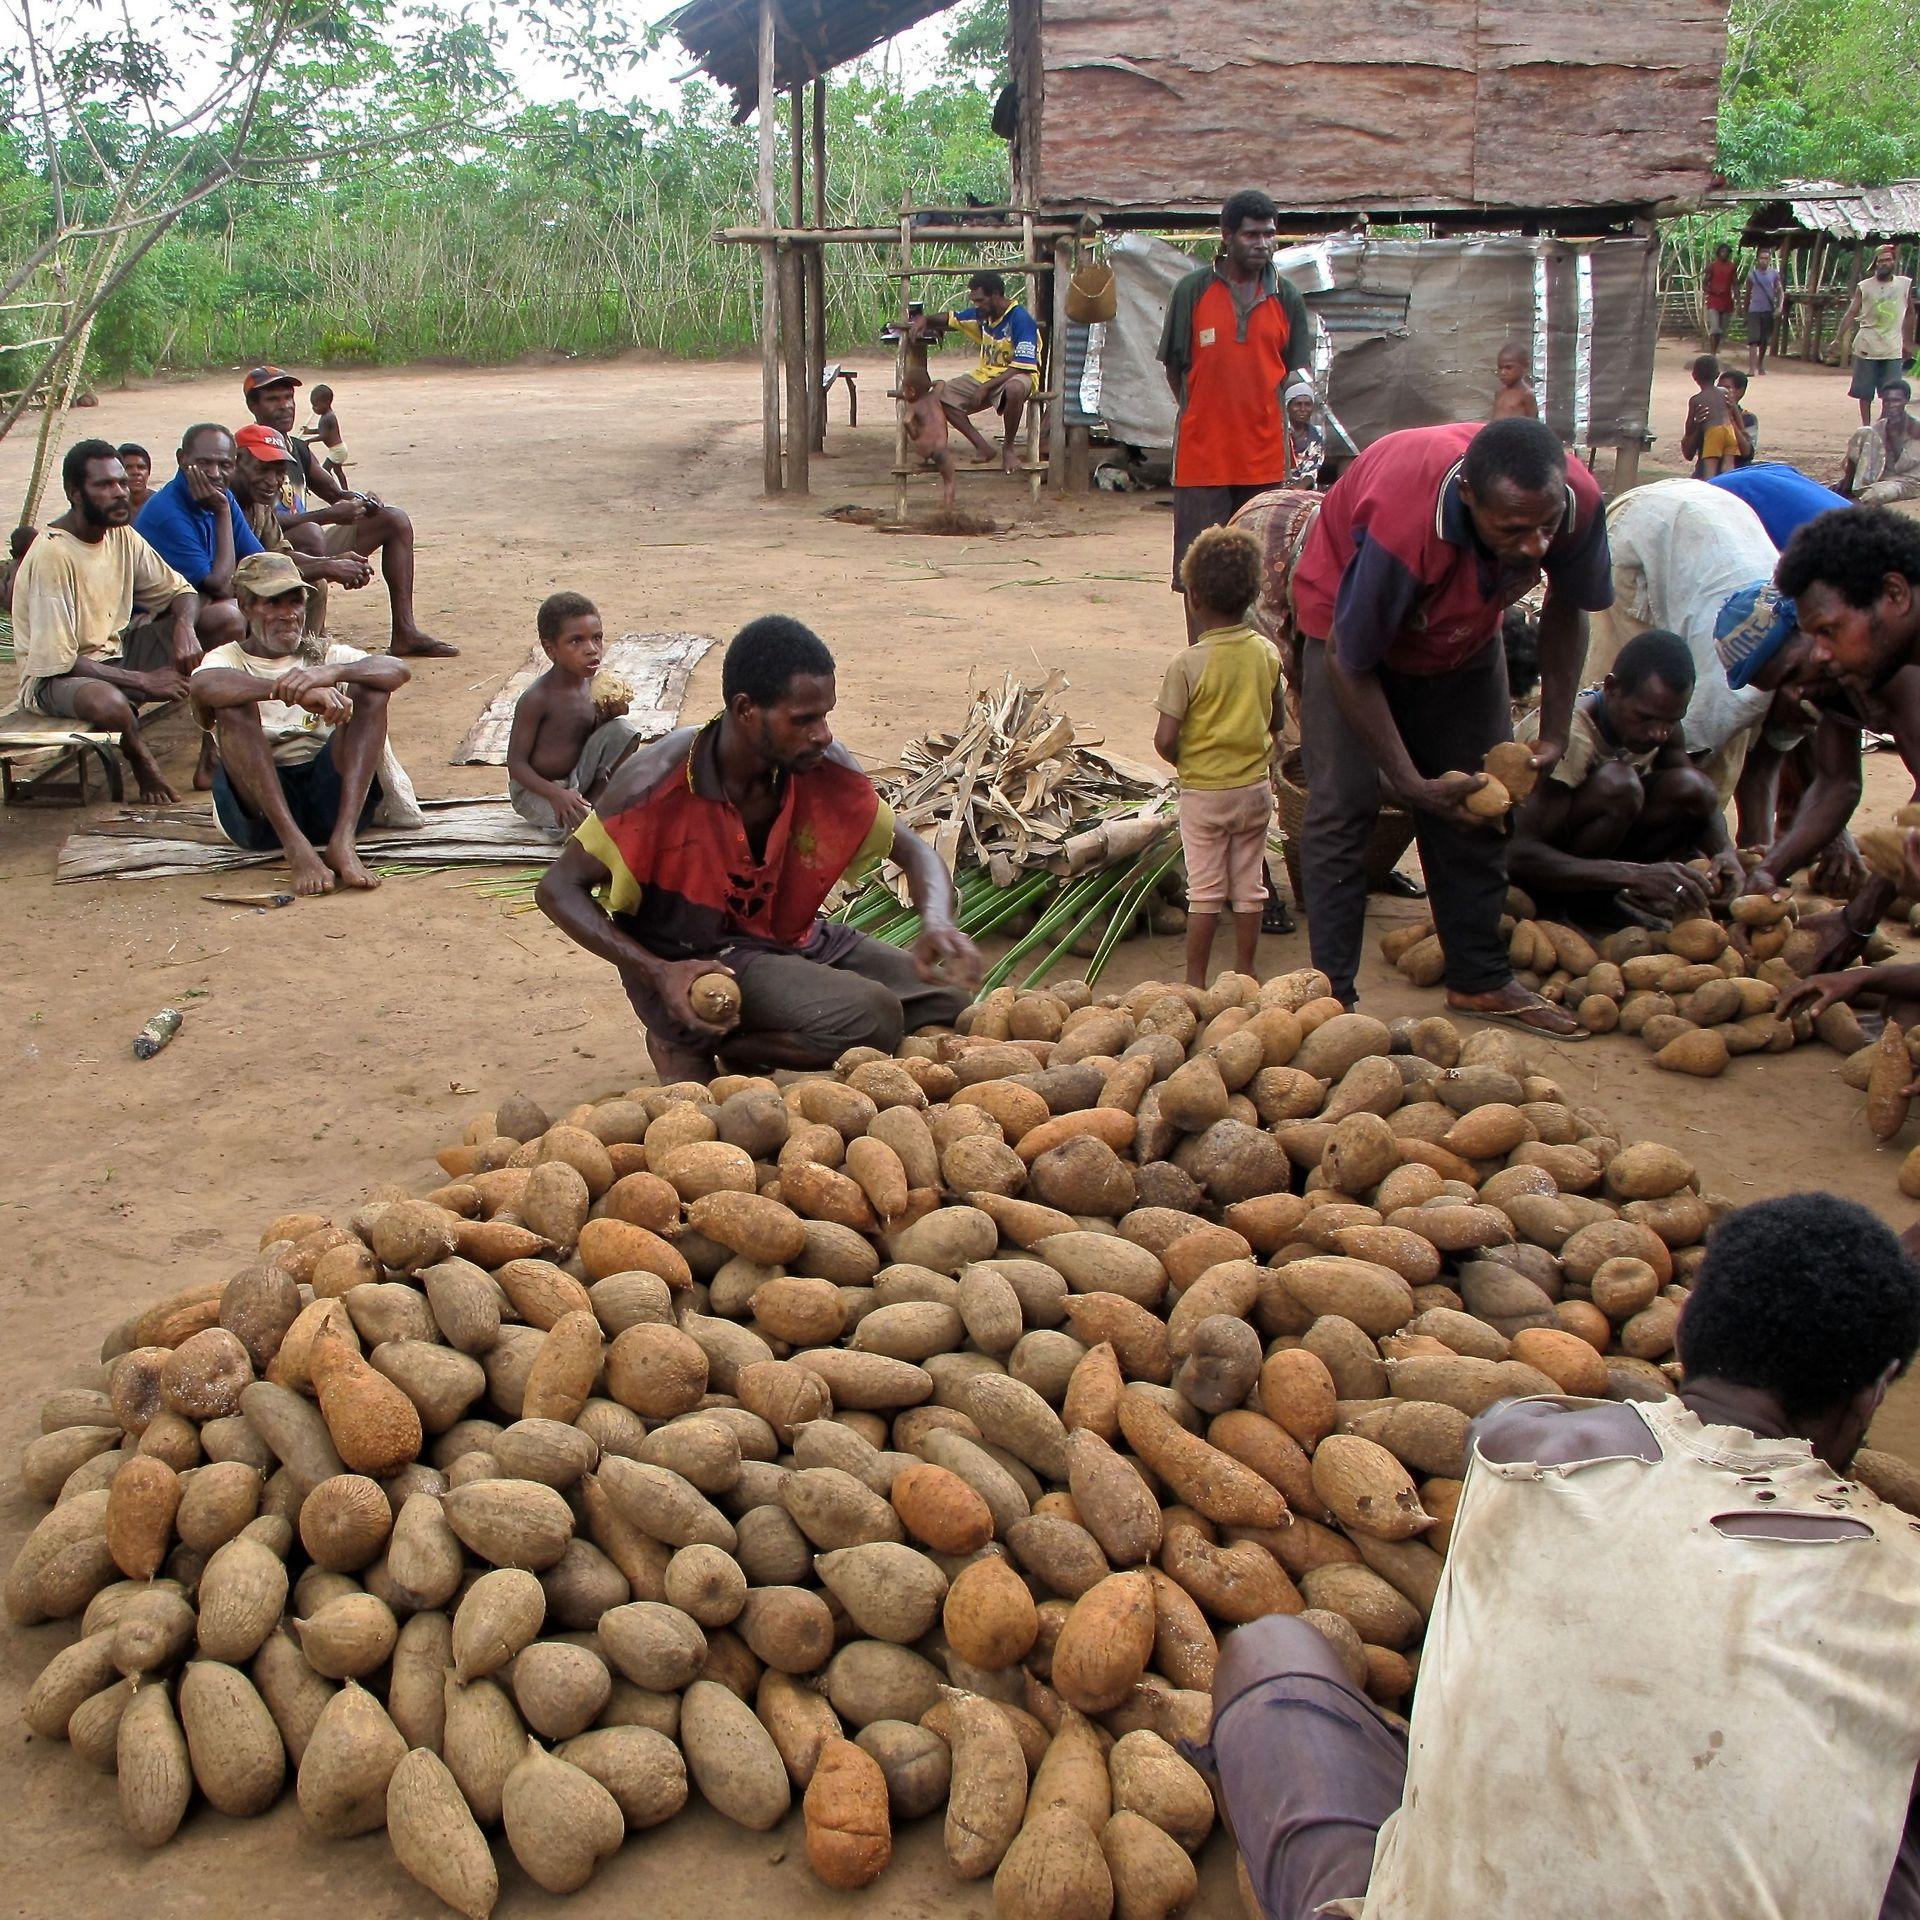 Dorfbewohner zählen im Freien die Ernte, die aus einem großen Haufen von Yamswurzeln besteht.